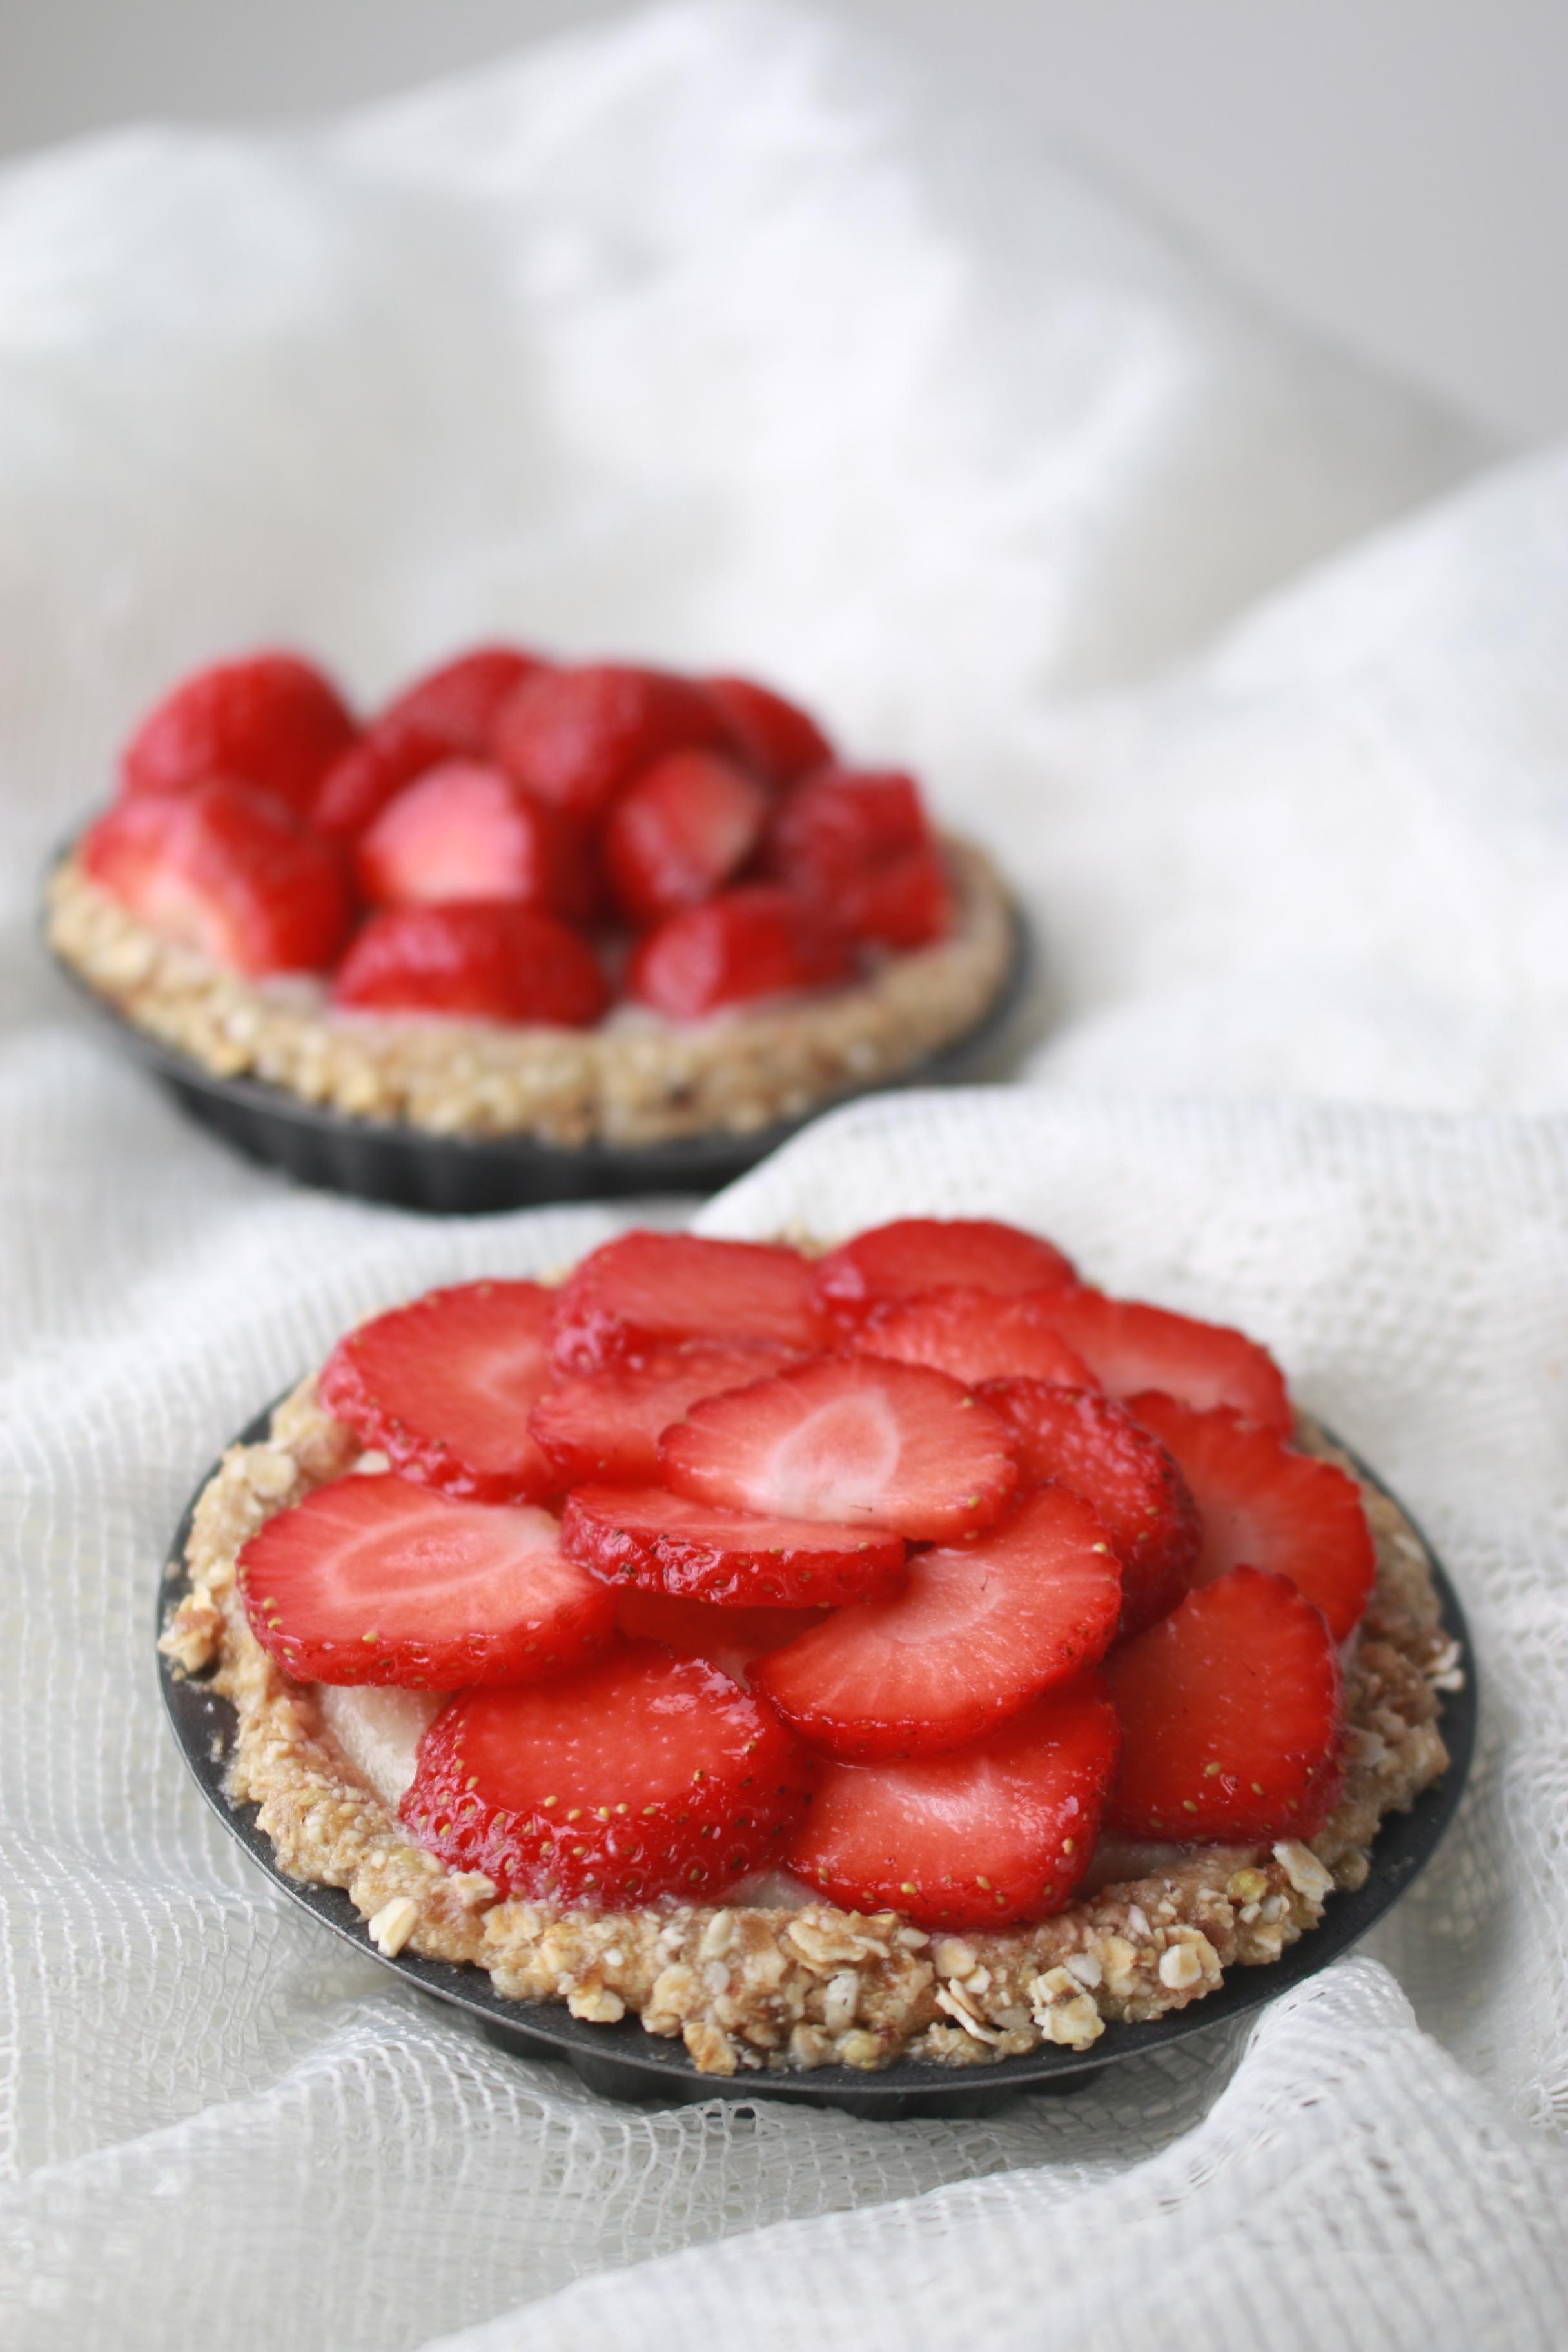 Raw Jordbærtærte.JPG